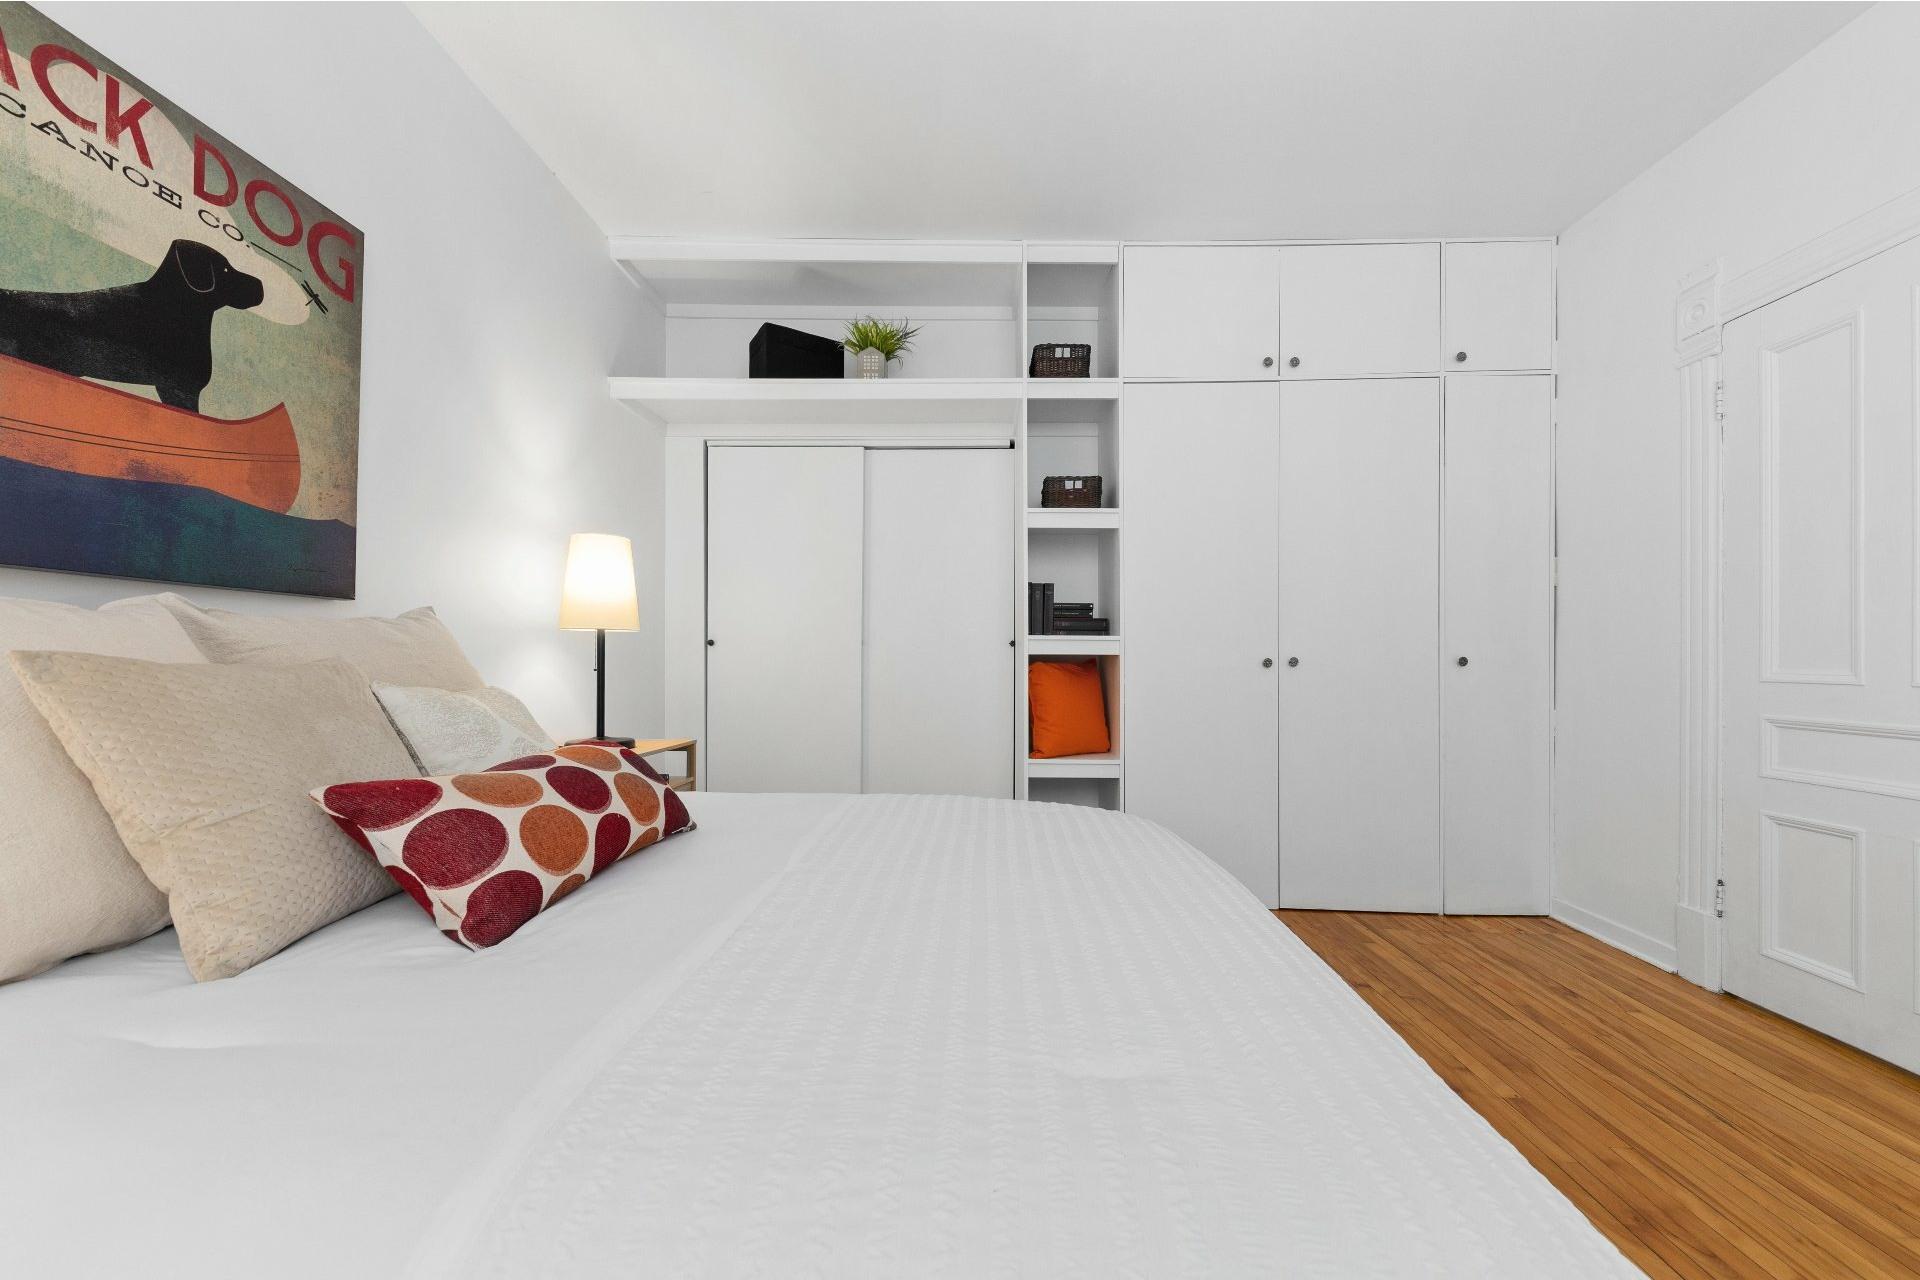 image 16 - Duplex À vendre Le Plateau-Mont-Royal Montréal  - 5 pièces